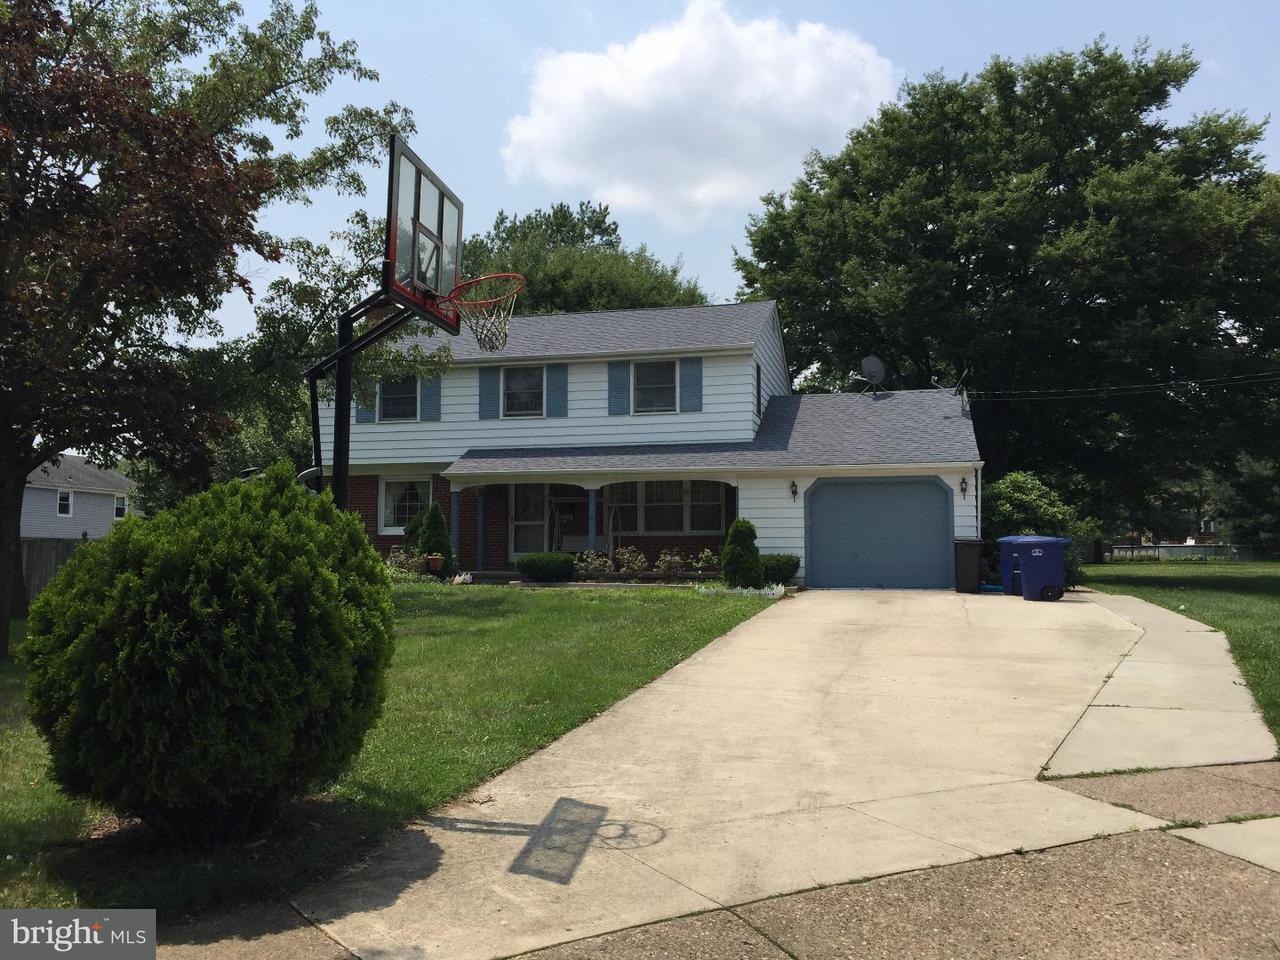 Casa Unifamiliar por un Alquiler en 811 WINDSOR Court Cinnaminson, Nueva Jersey 08077 Estados Unidos